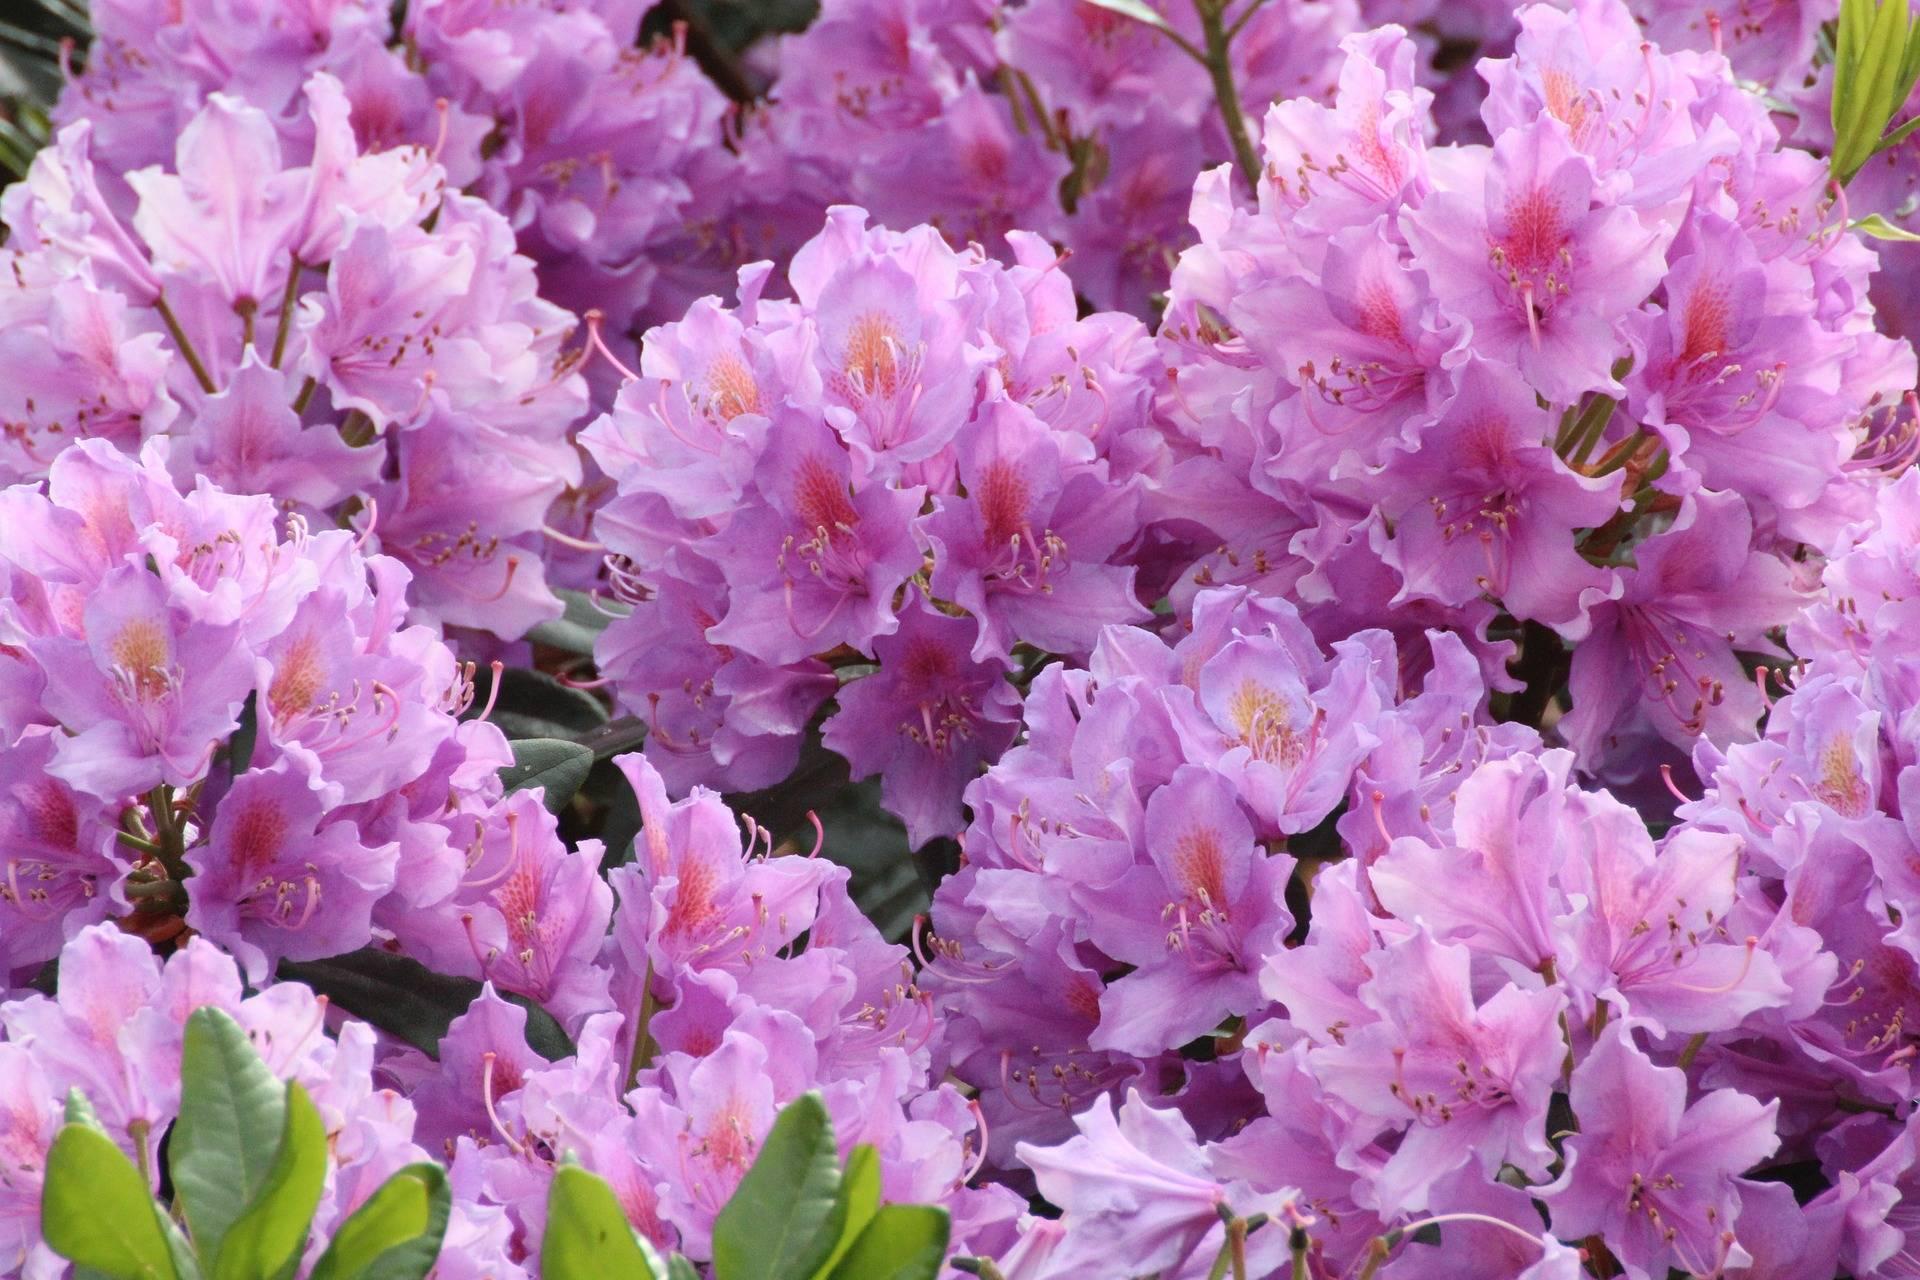 chez les rhododendrons le feuillage graphique et lgant reste attractif toute lanne ce qui rend ces arbustes intressants mme en dehors de la - Planter Un Rhododendron Dans Votre Jardin